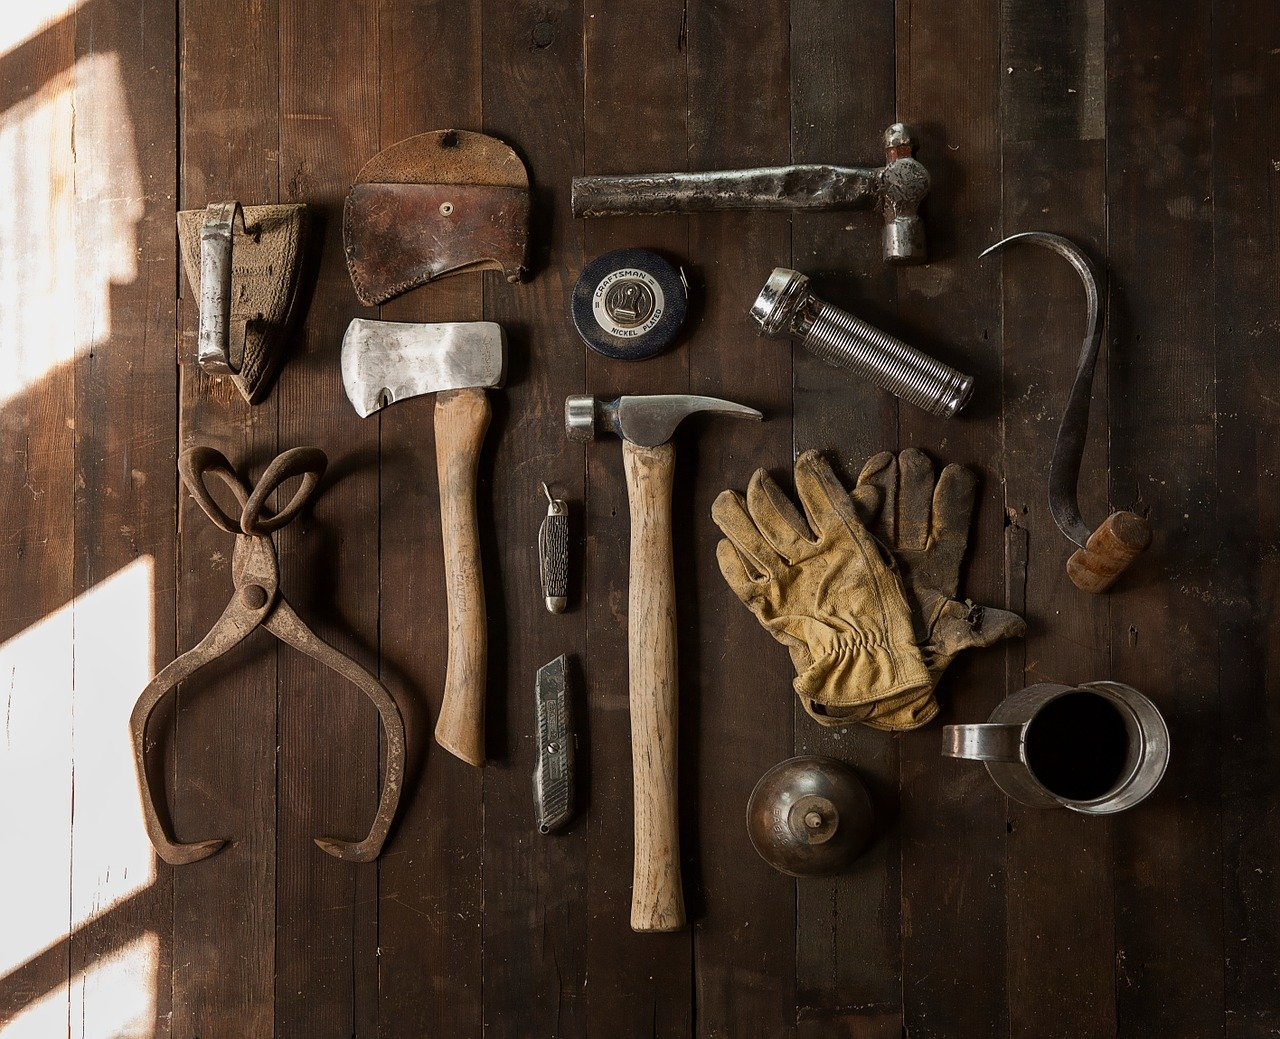 Työkalut vanhalla pöydällä. Kuva pixabay.